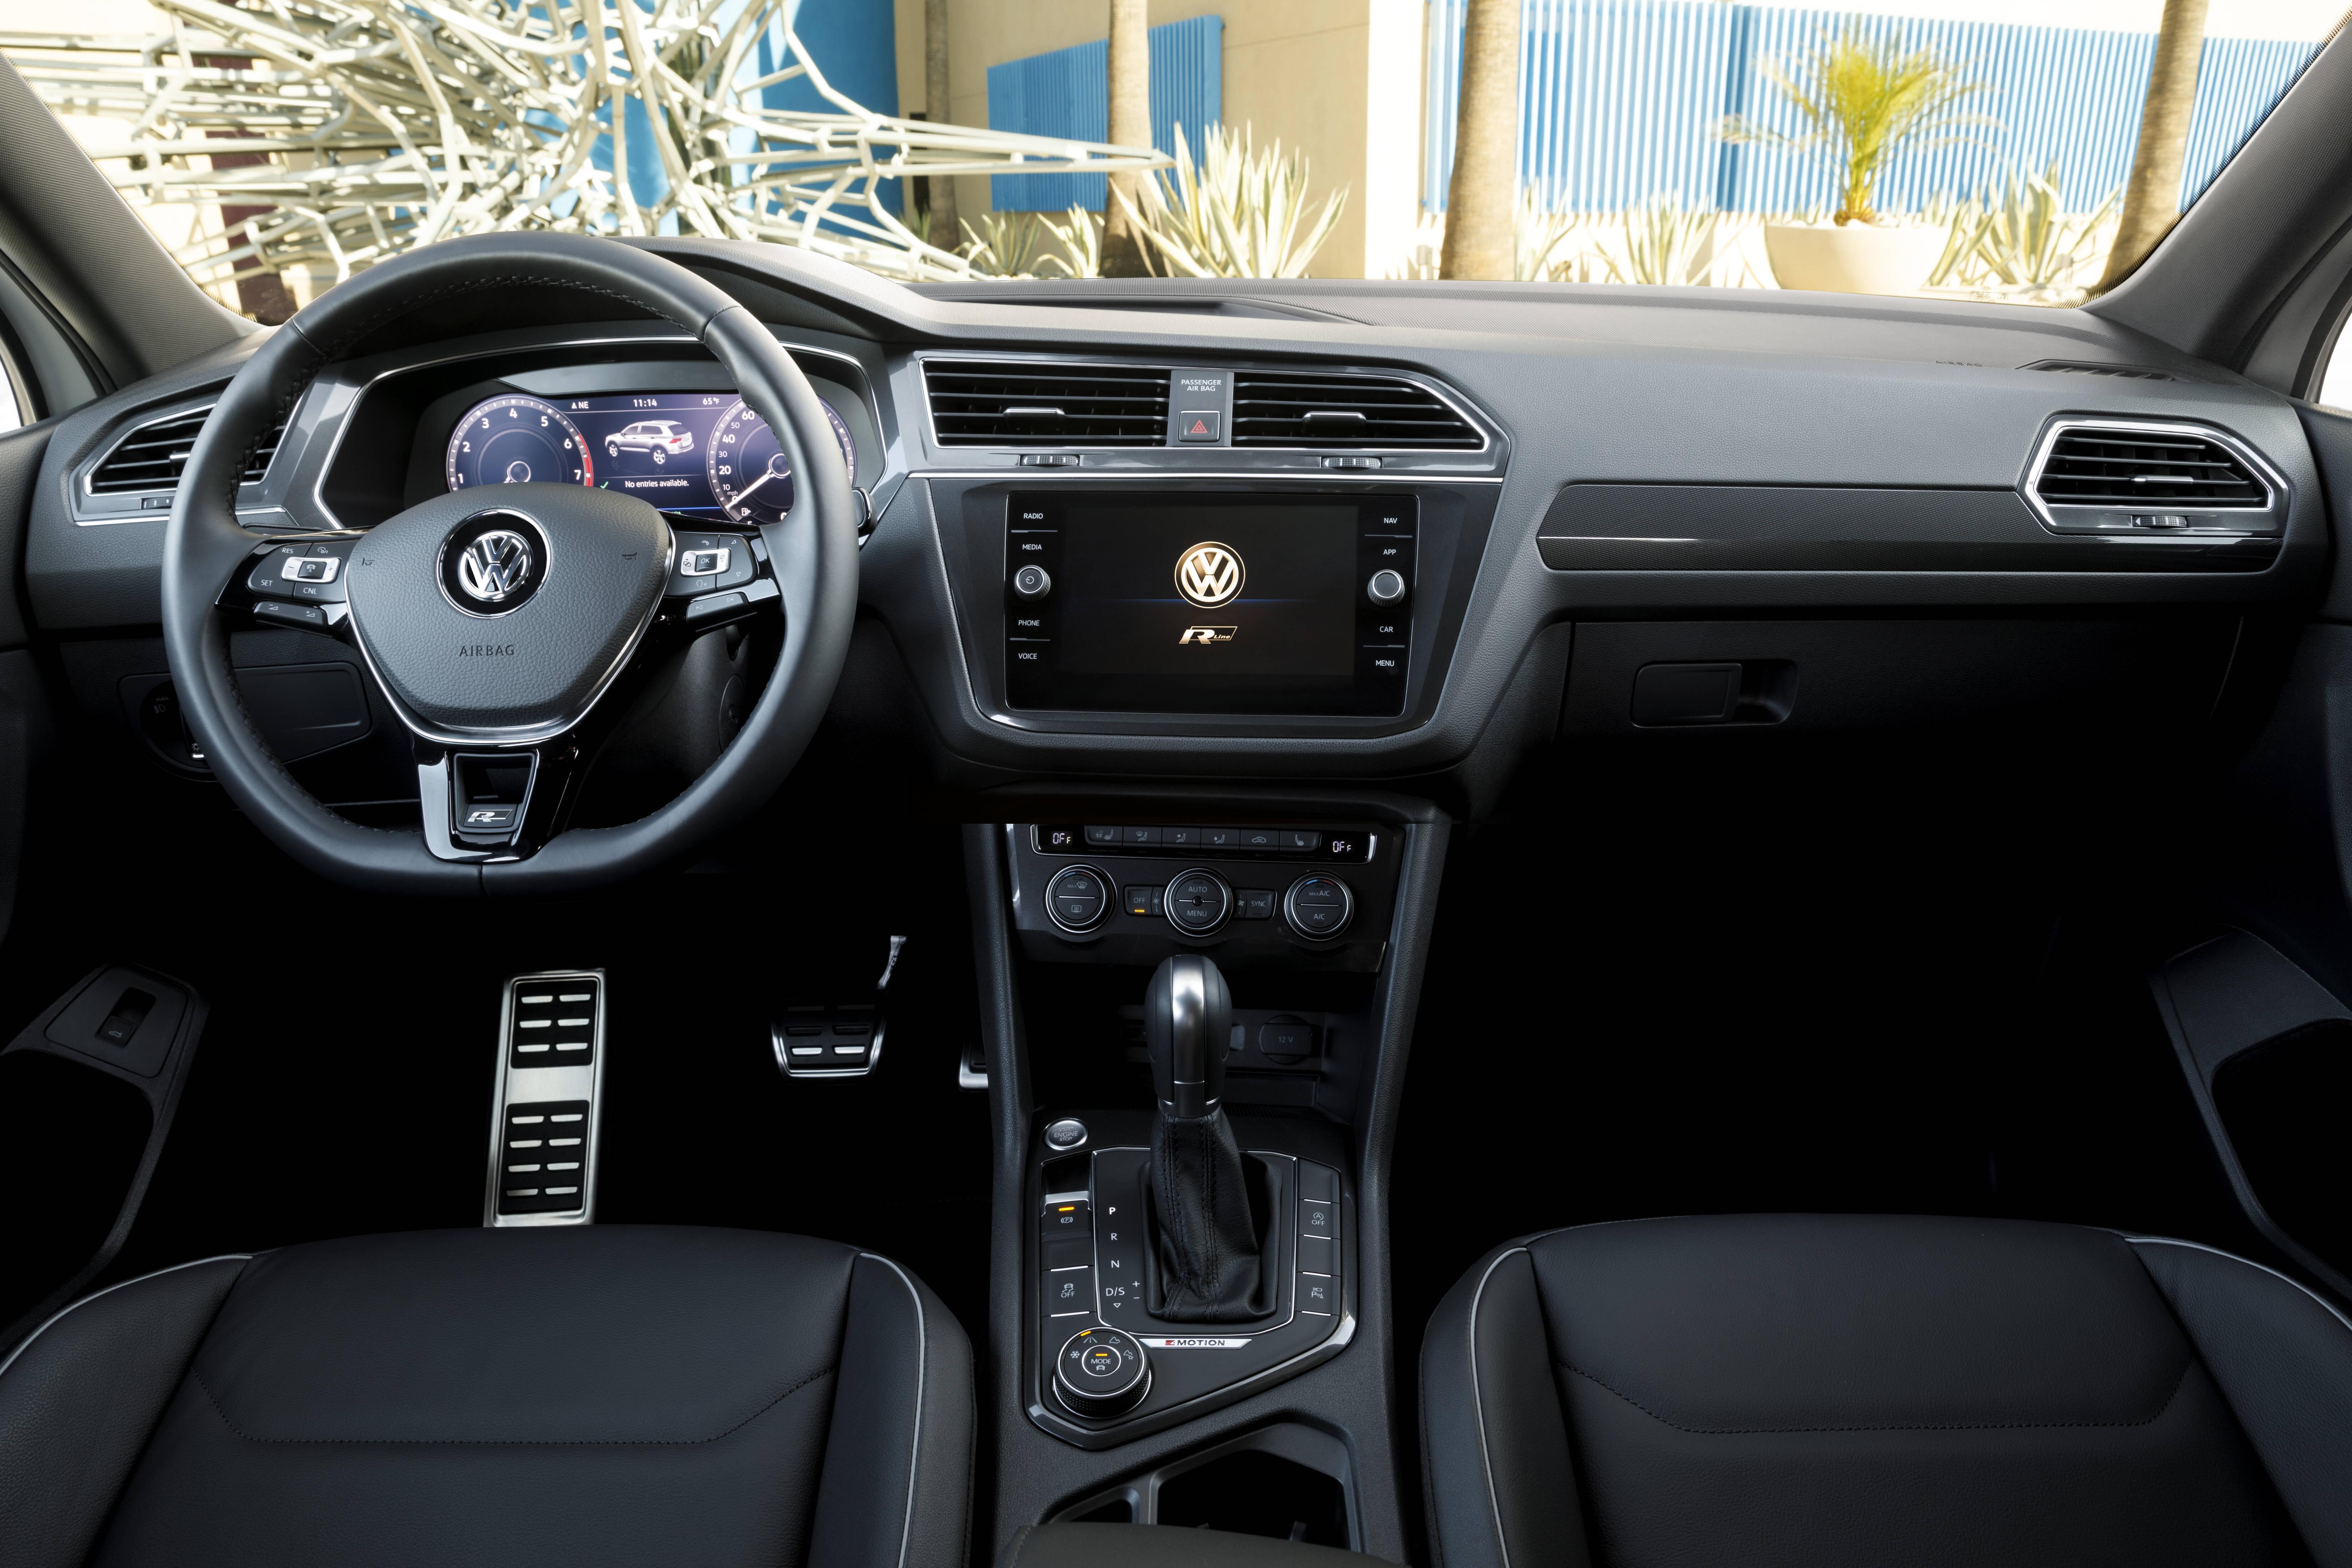 VW Tiguan. Foto: Divulgação